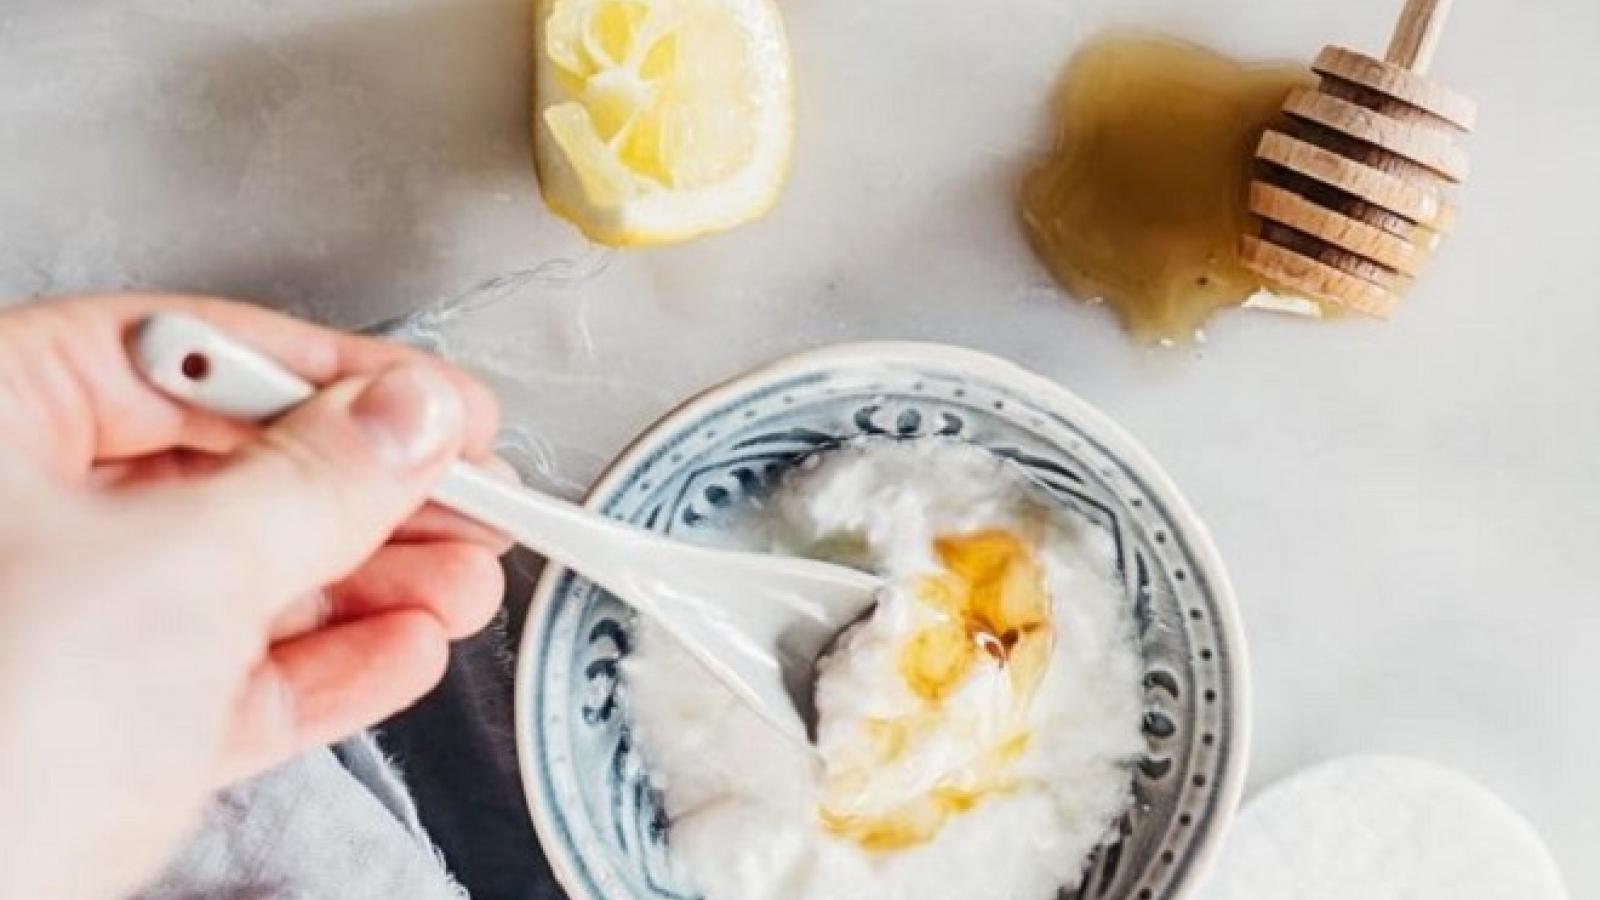 Công thức làm đẹp vô cùng đơn giản mà hiệu quả từ sữa chua